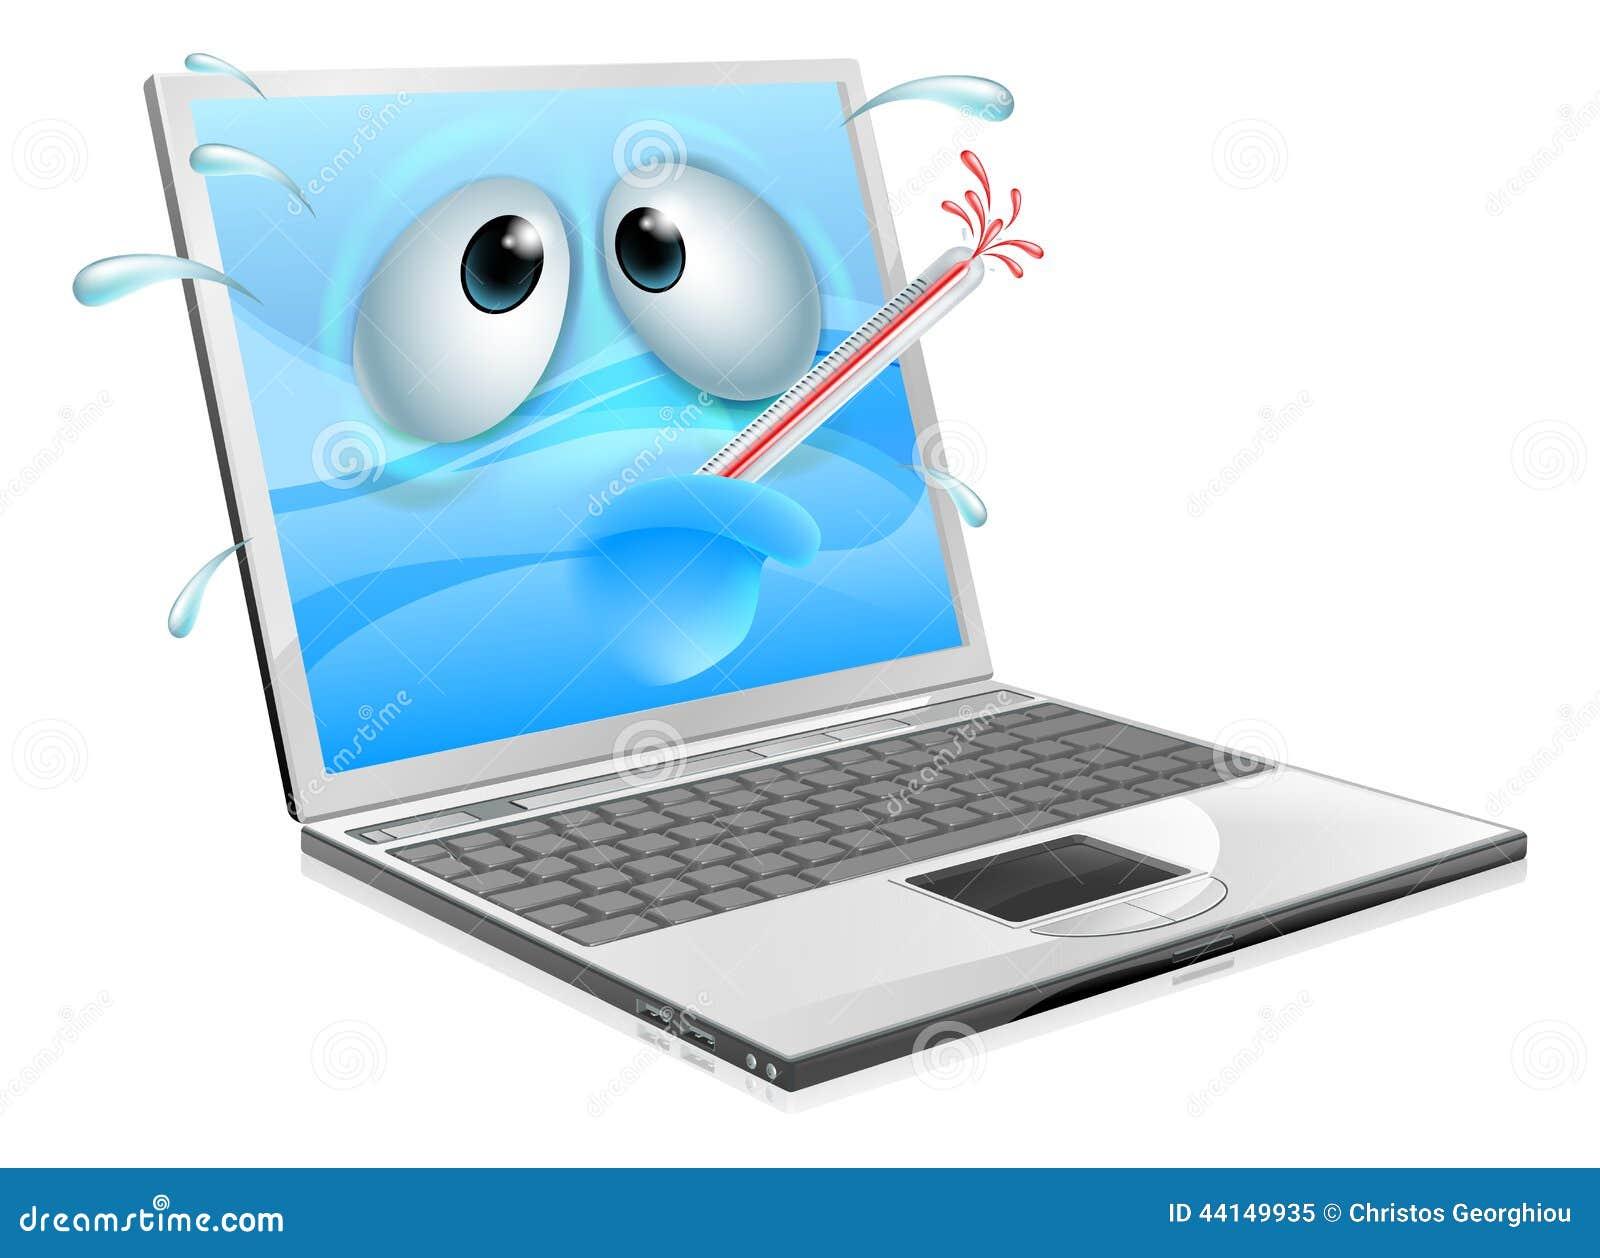 Broken computer cartoon